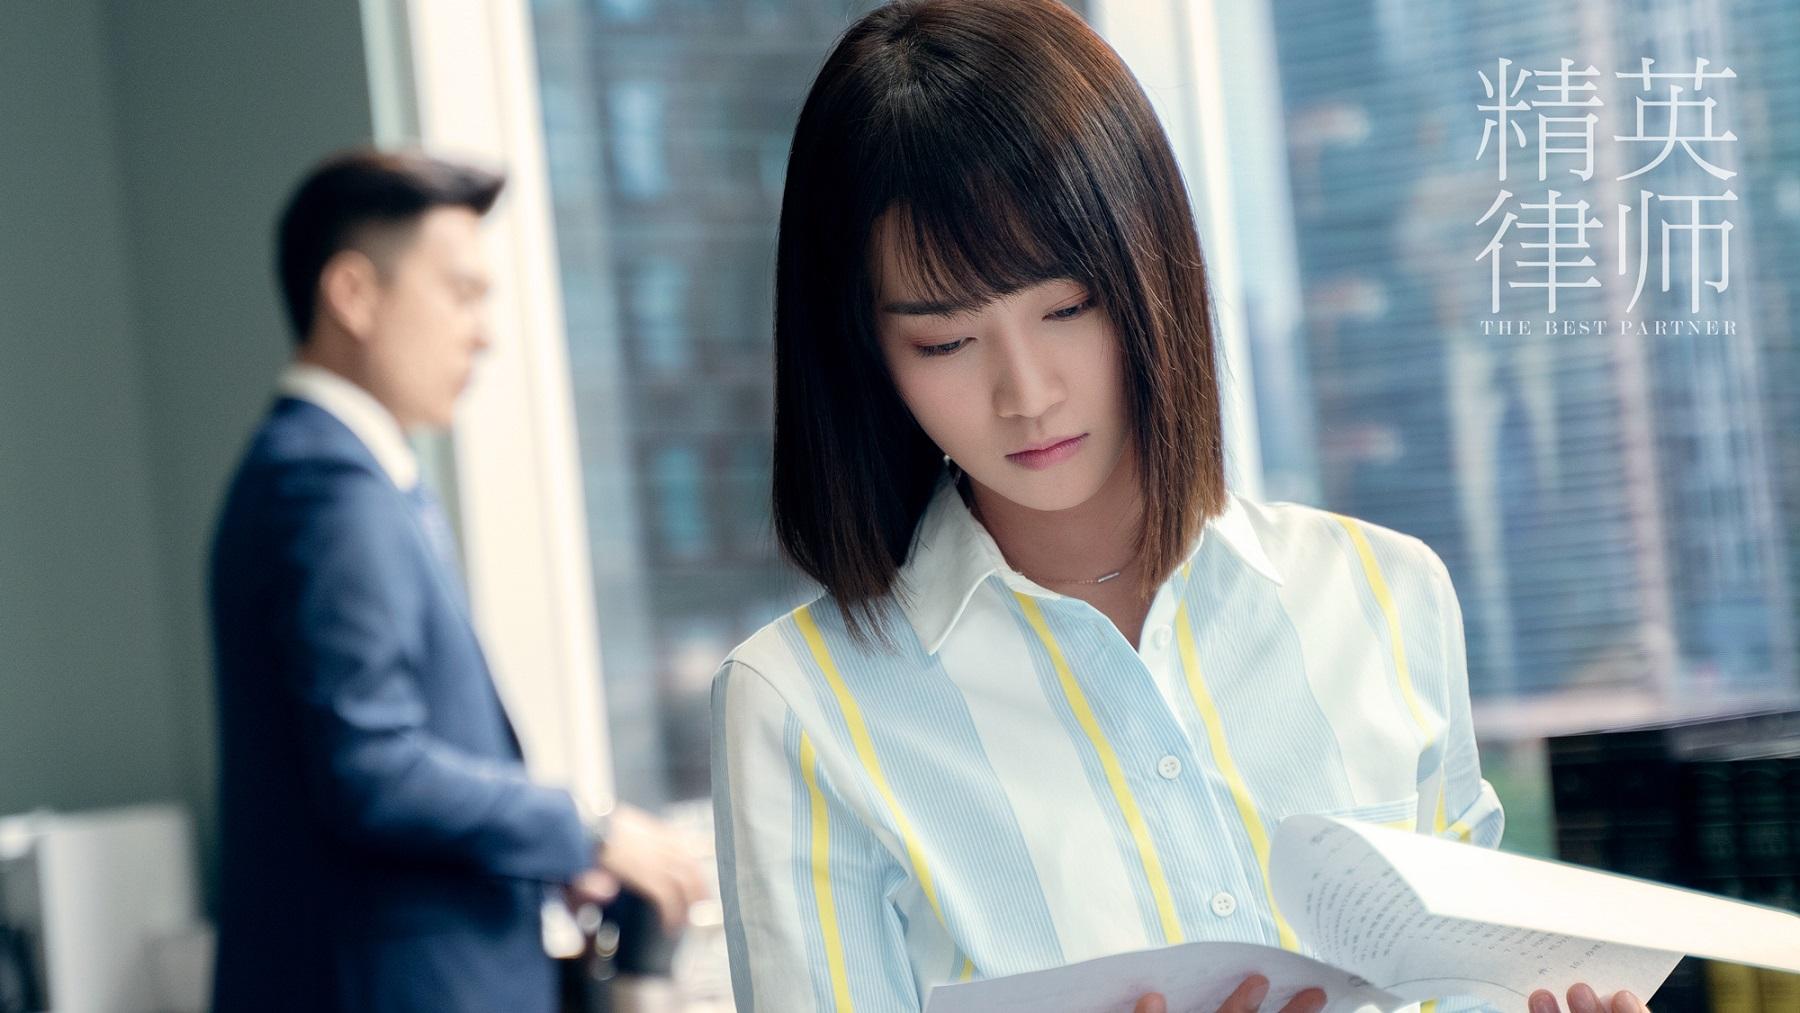 《精英律师》首曝剧照  蓝盈莹简约干练解锁职场OL风